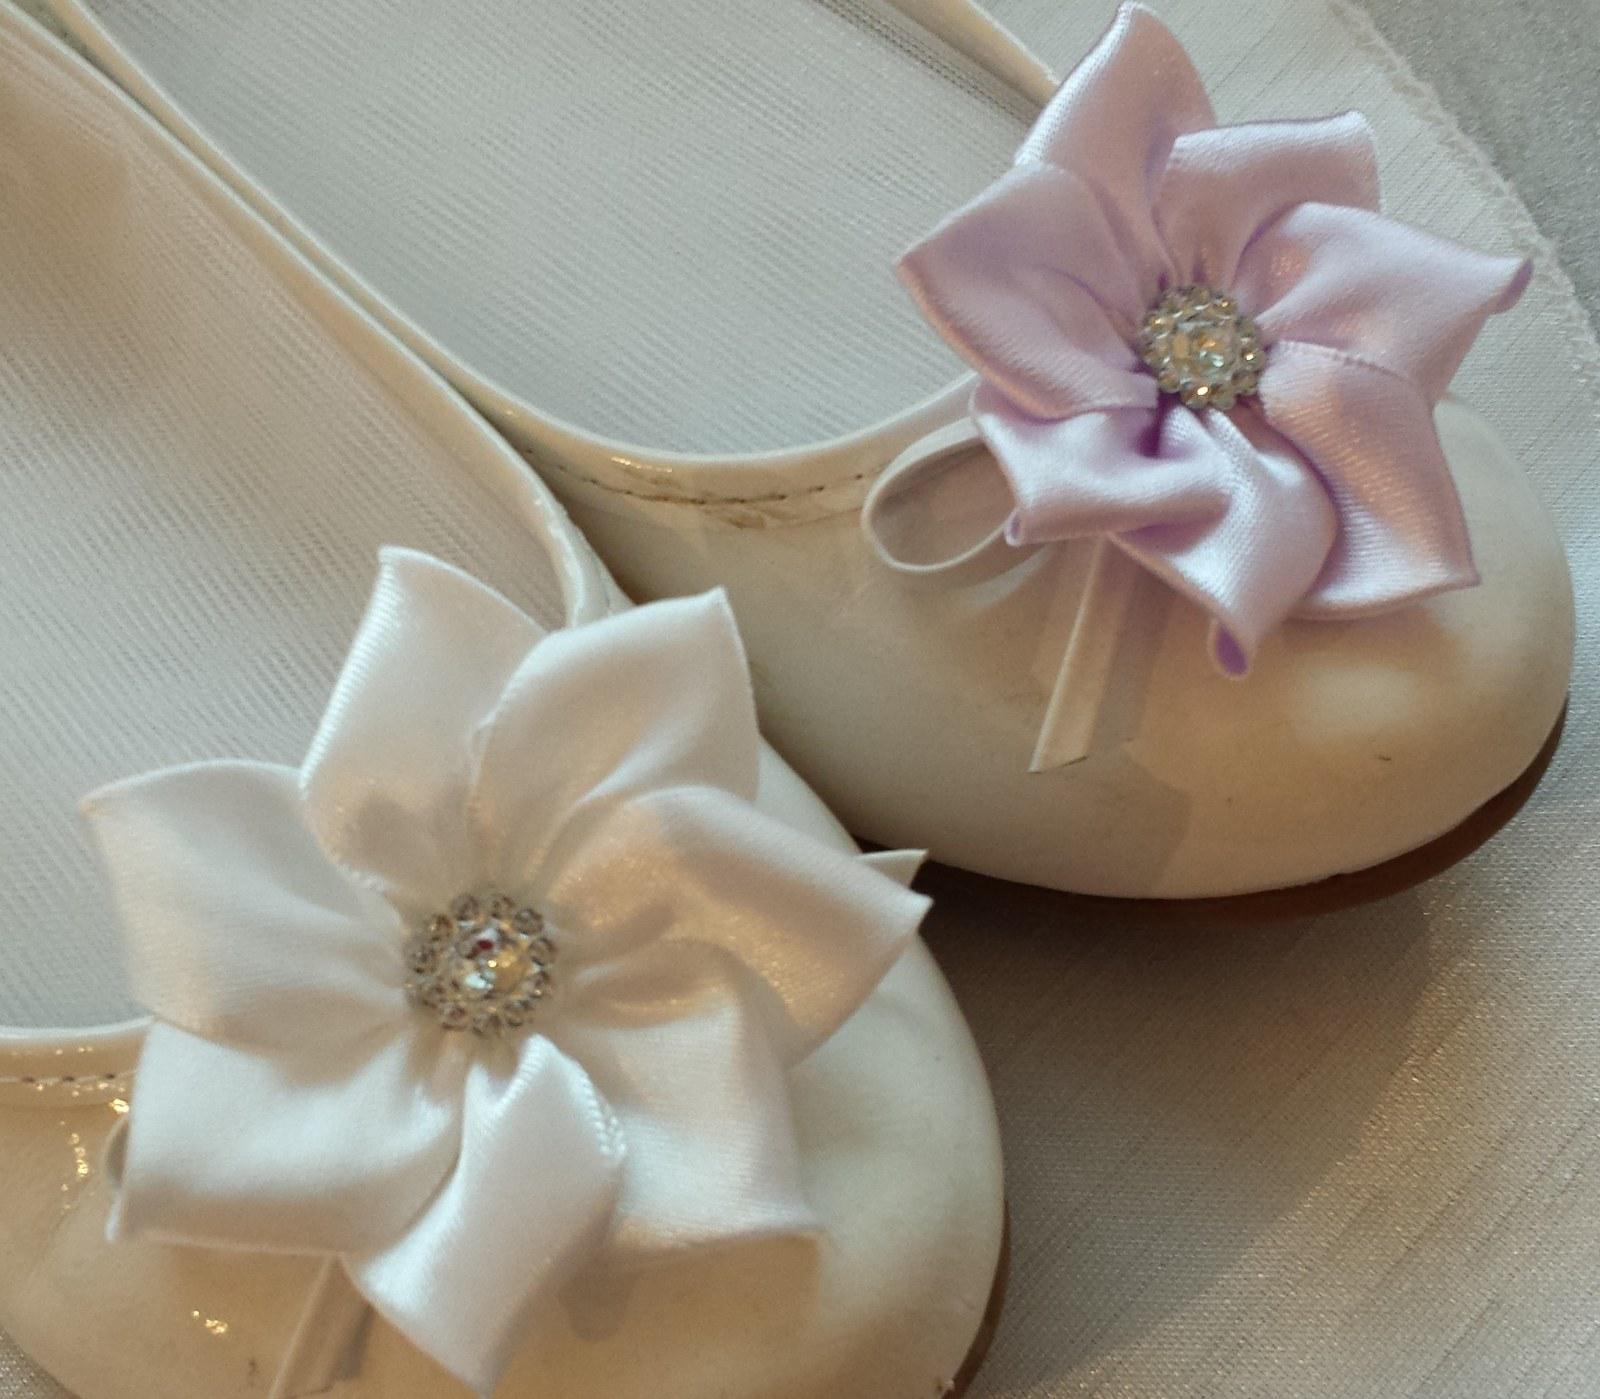 Lila klipy na boty pro nevěstu - kanzashi - Obrázek č. 1